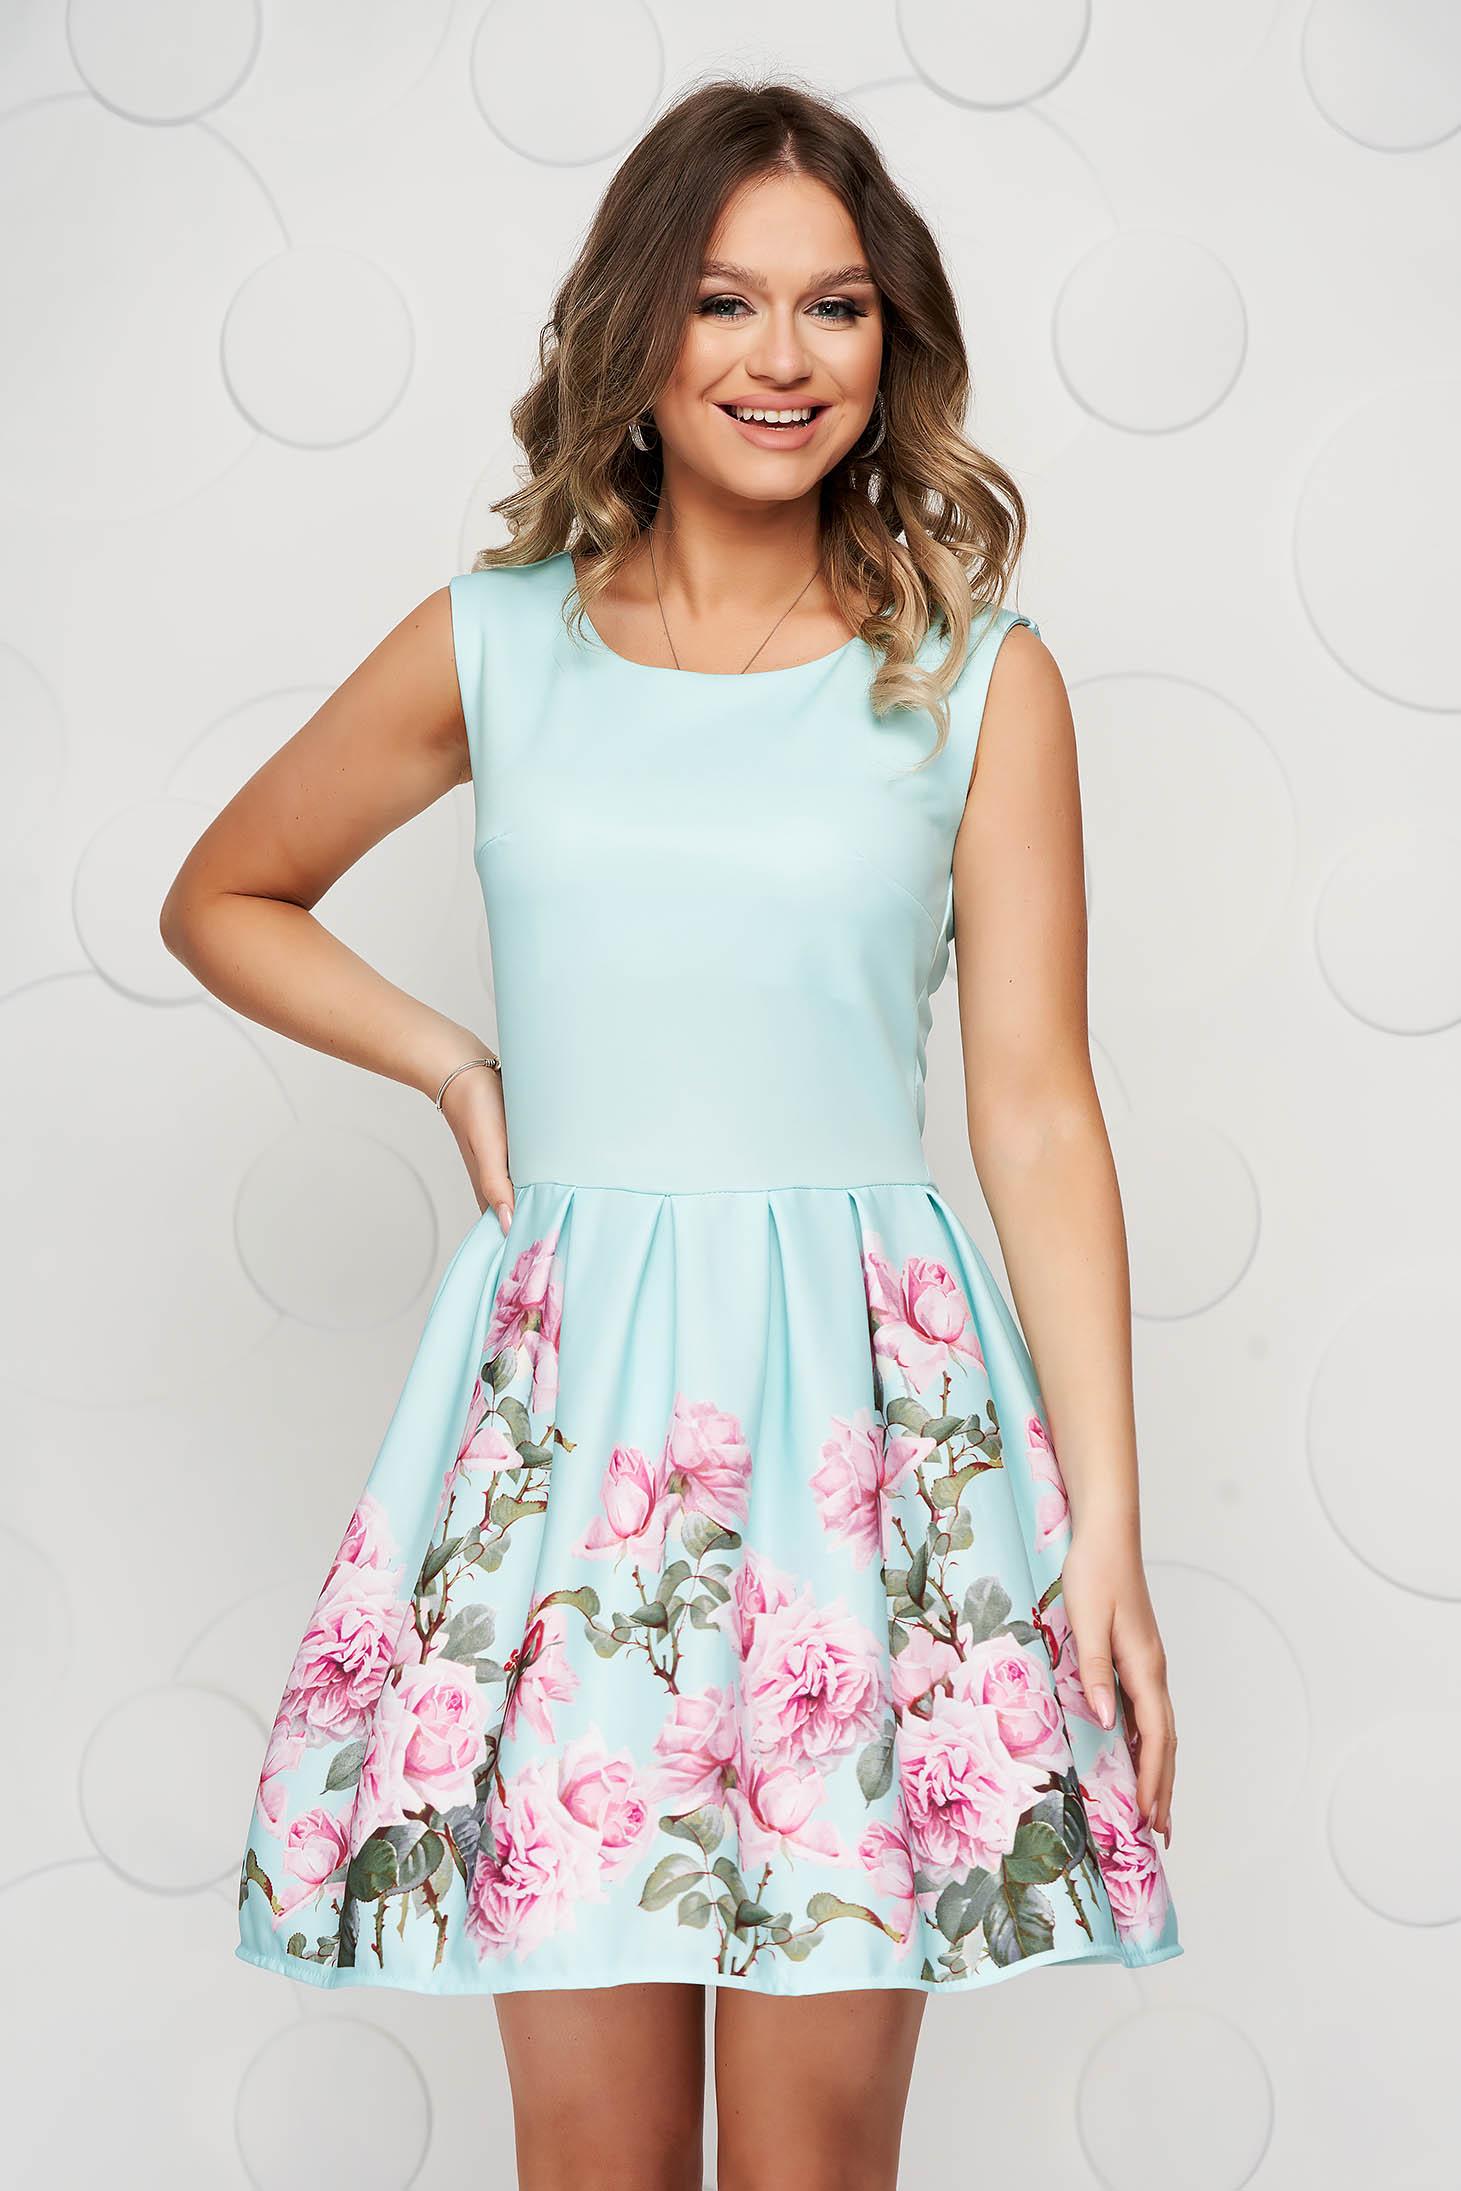 Aqua dress with floral print cloche slightly elastic fabric short cut